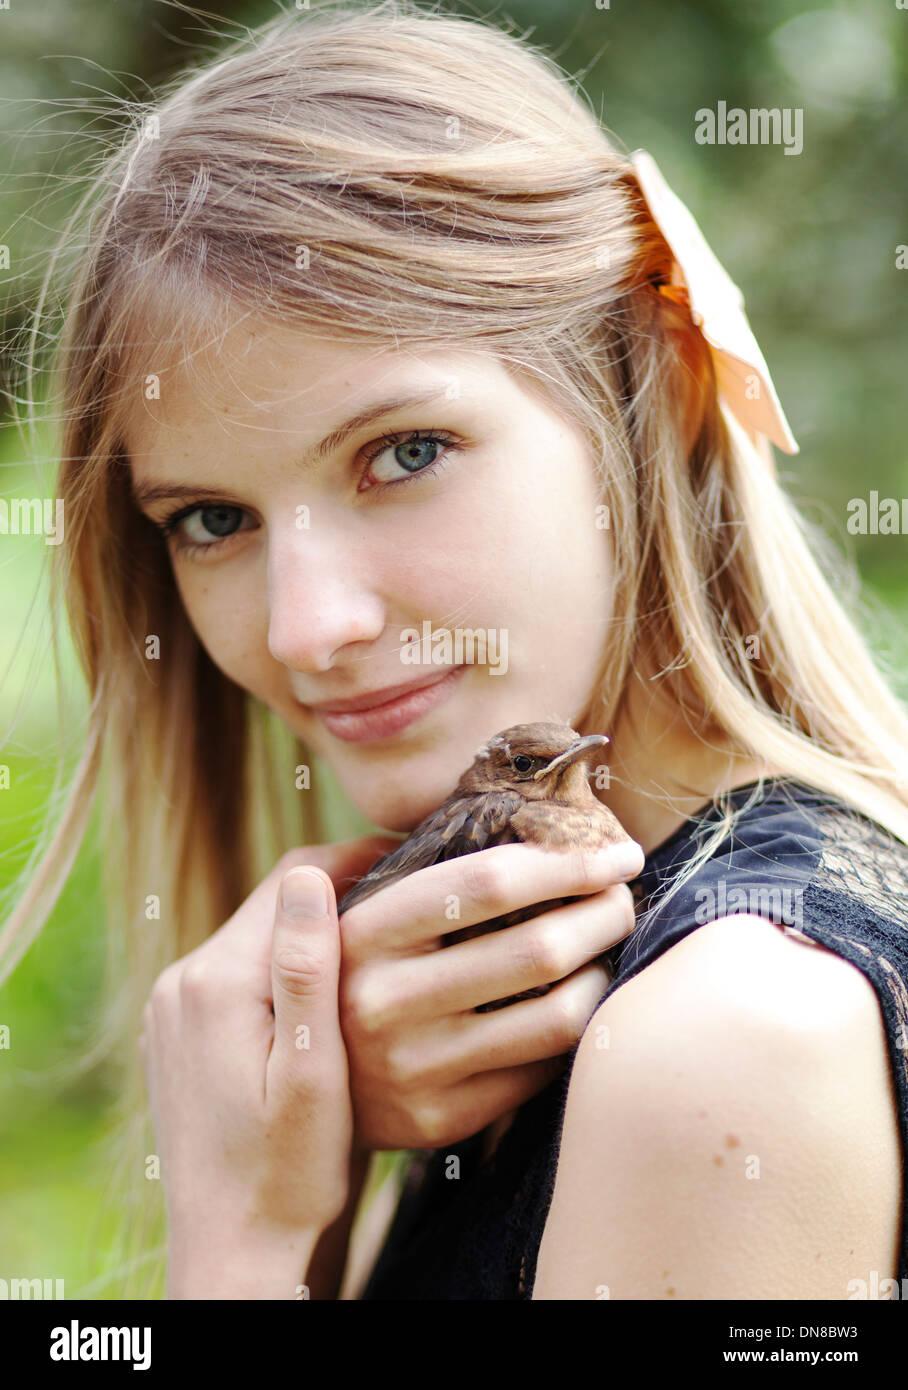 Fille avec jeune oiseau sur l'épaule Photo Stock